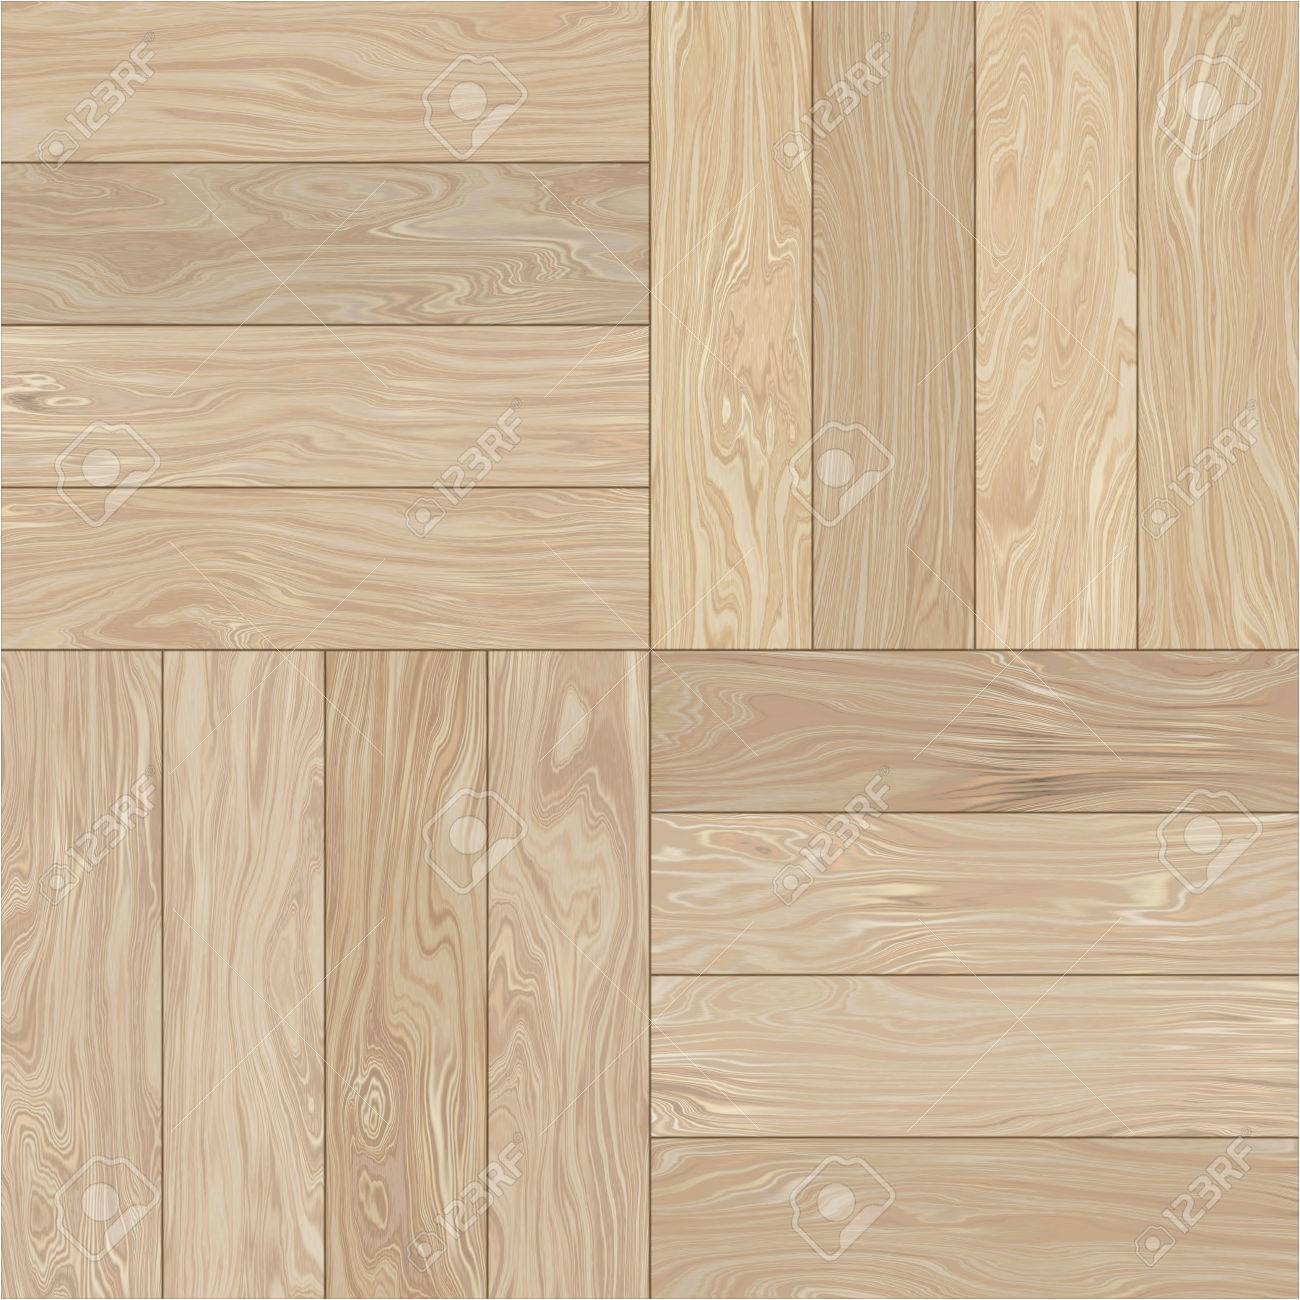 Wooden Floor Texture Wood Floor Background Seamless Background Wooden Texture Parquet